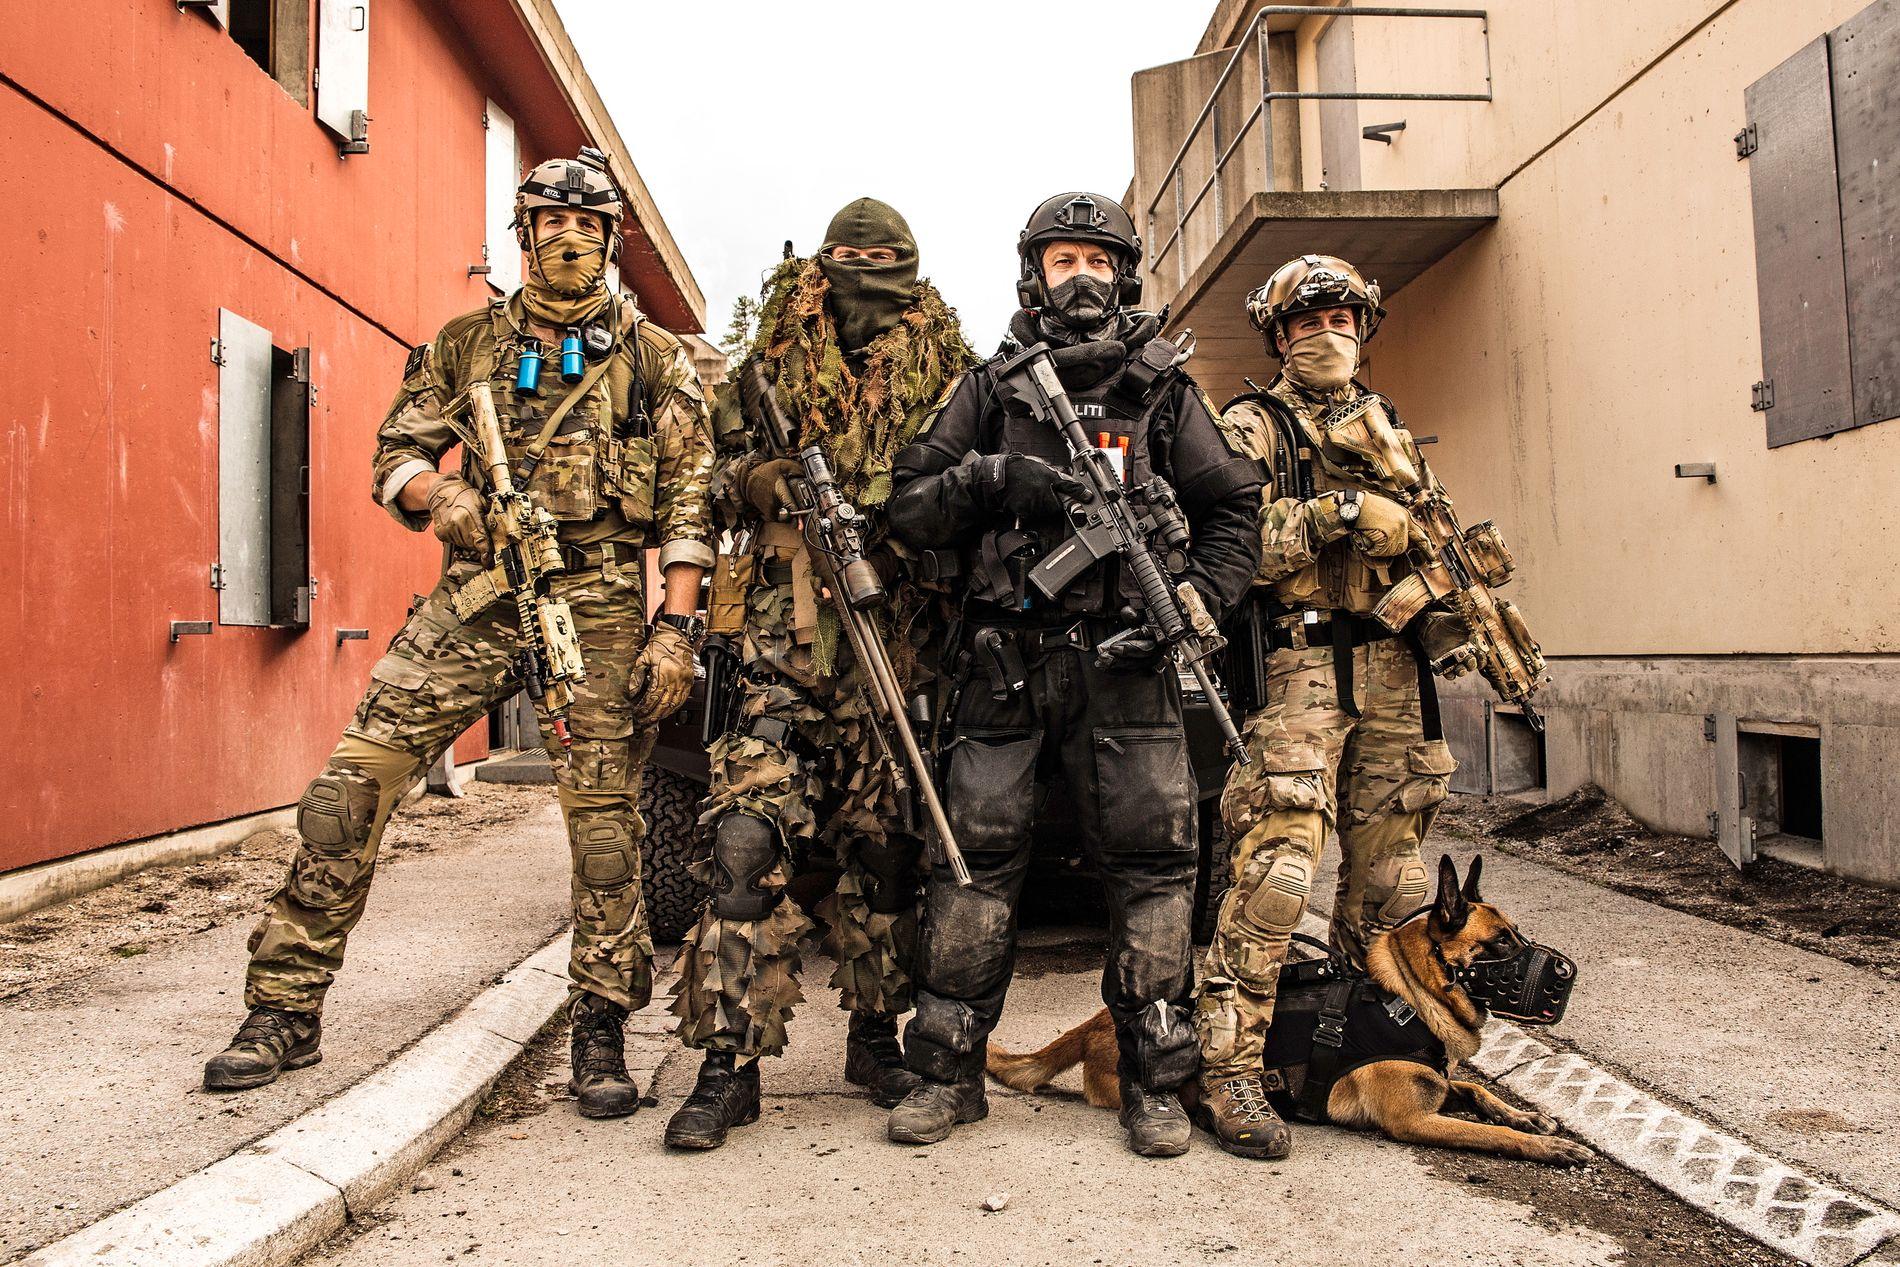 TRENER SAMMEN: Forsvarets spesialkommando, Marinejegerkommandoen og Beredskapstroppen trente på kontraterror i Rena leir, som en oppkjøring til øvelse Gemini 2014.